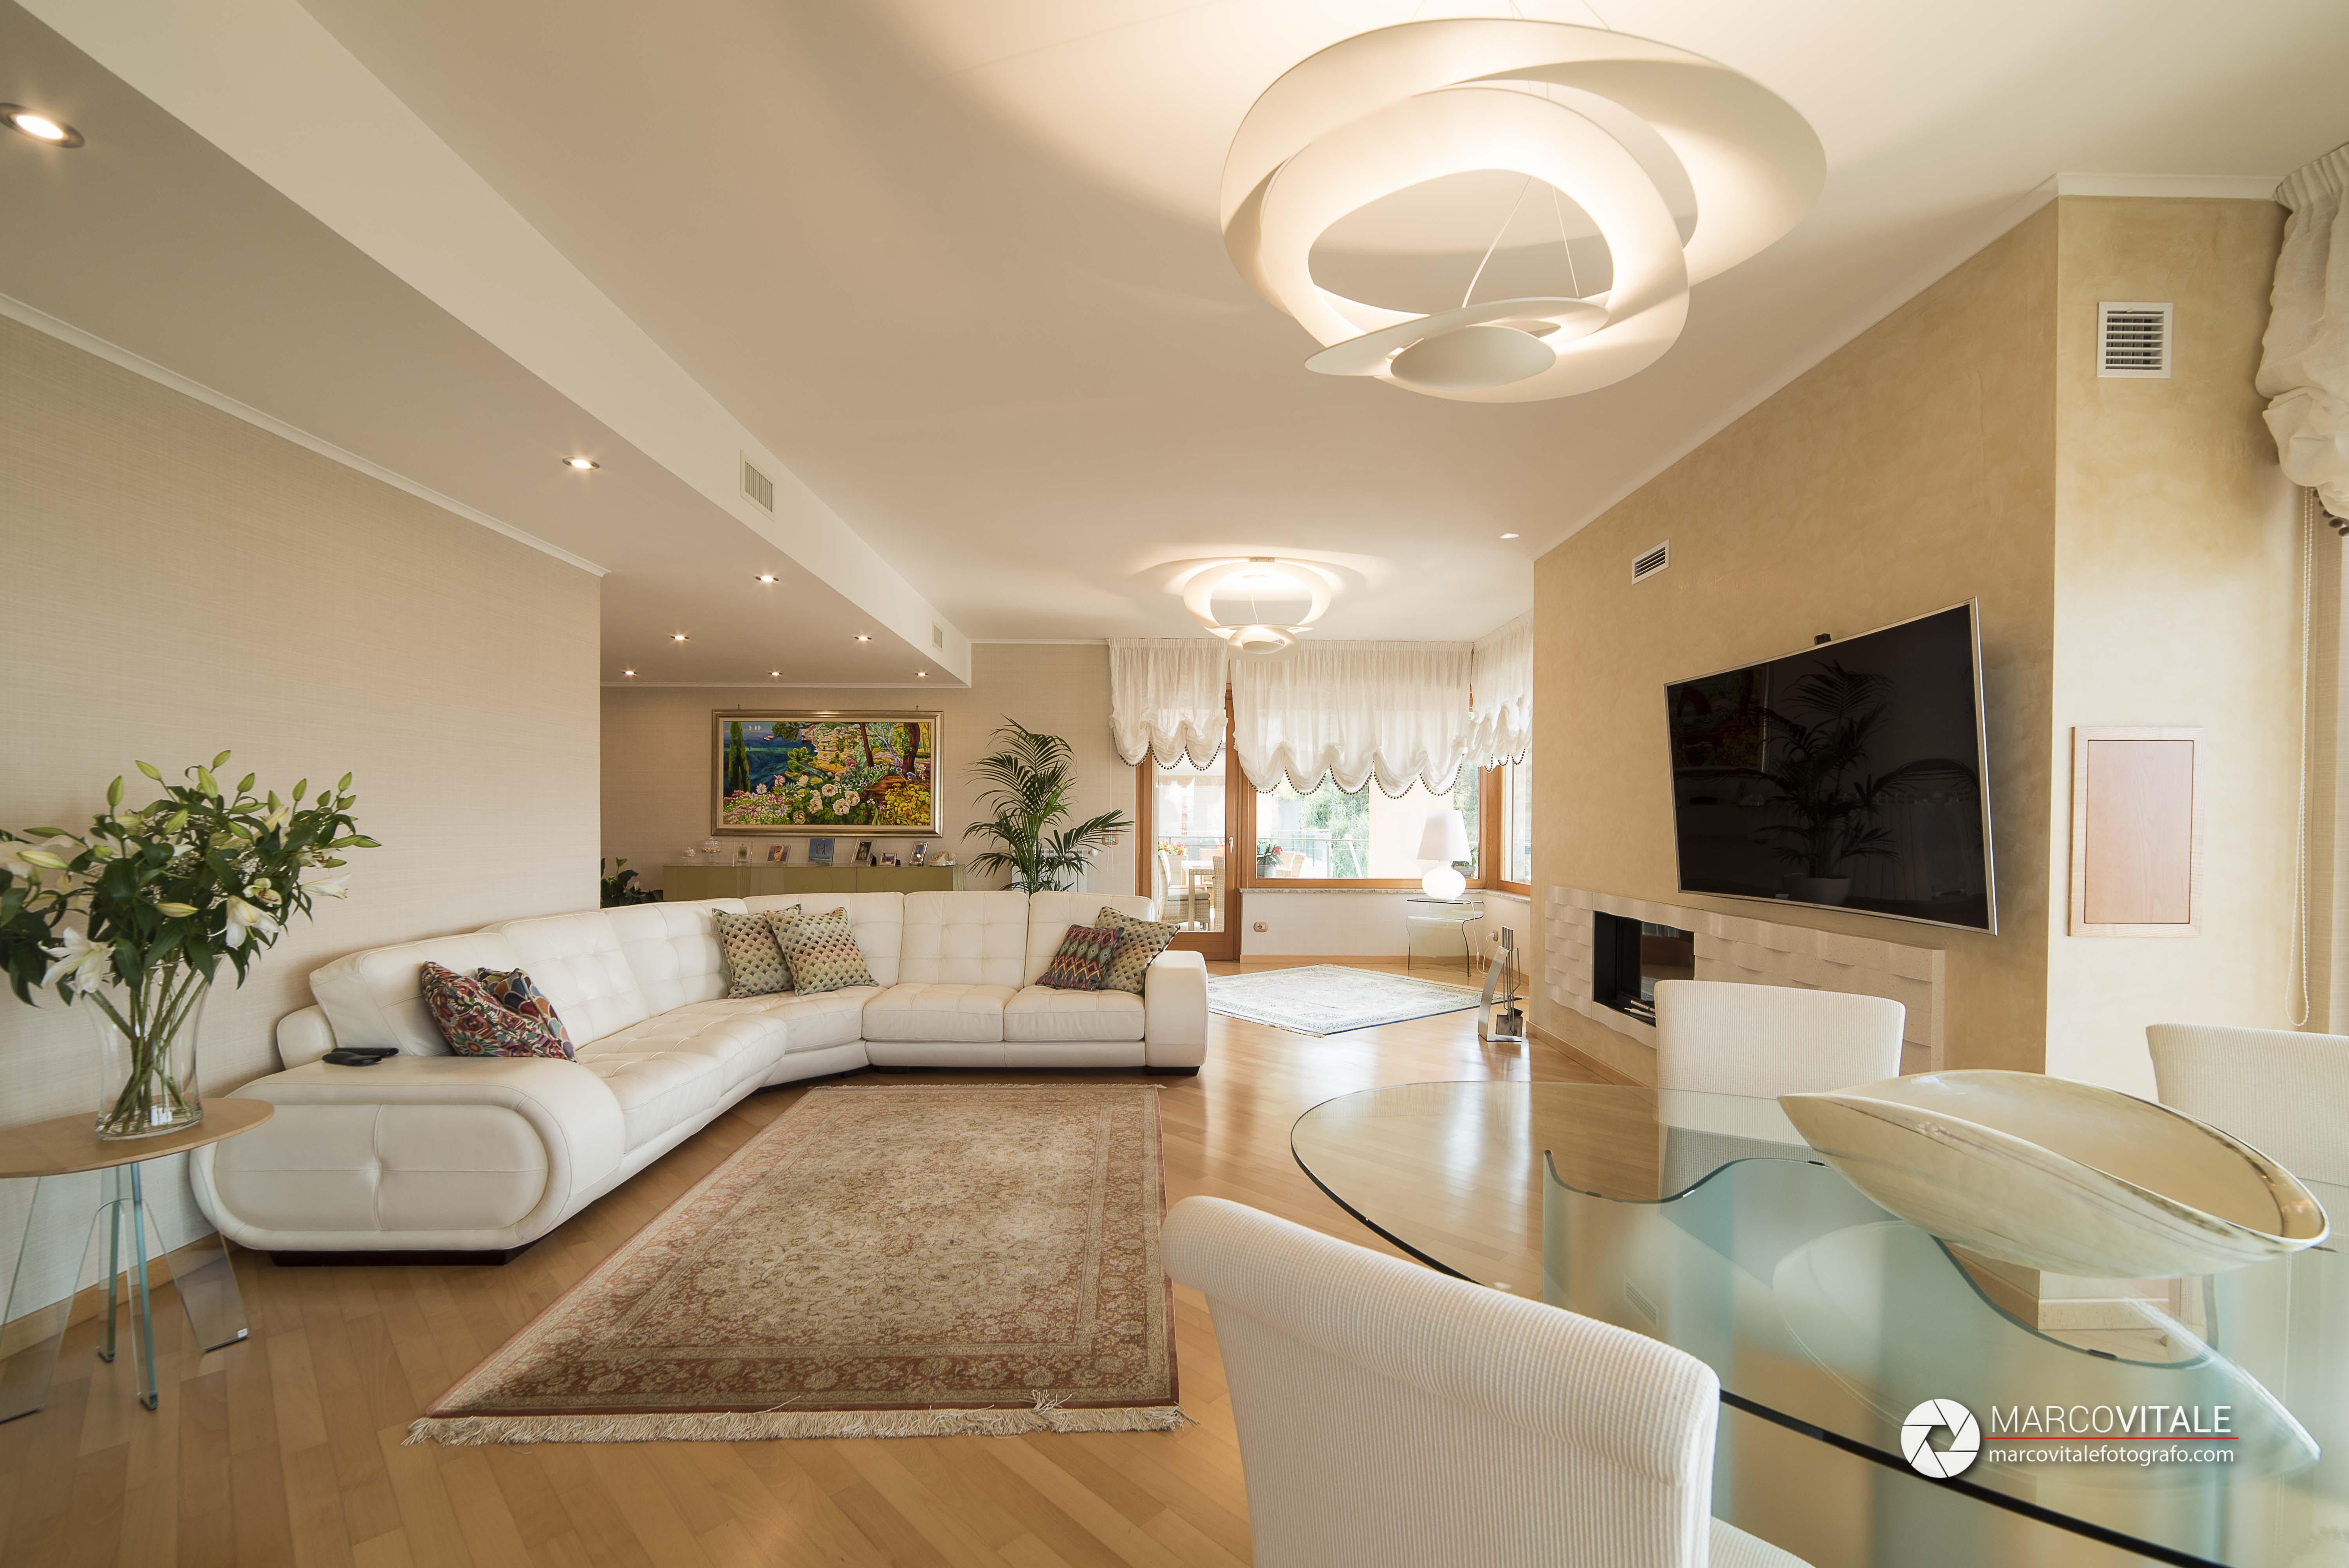 Fotografia di interni per settore immobiliare